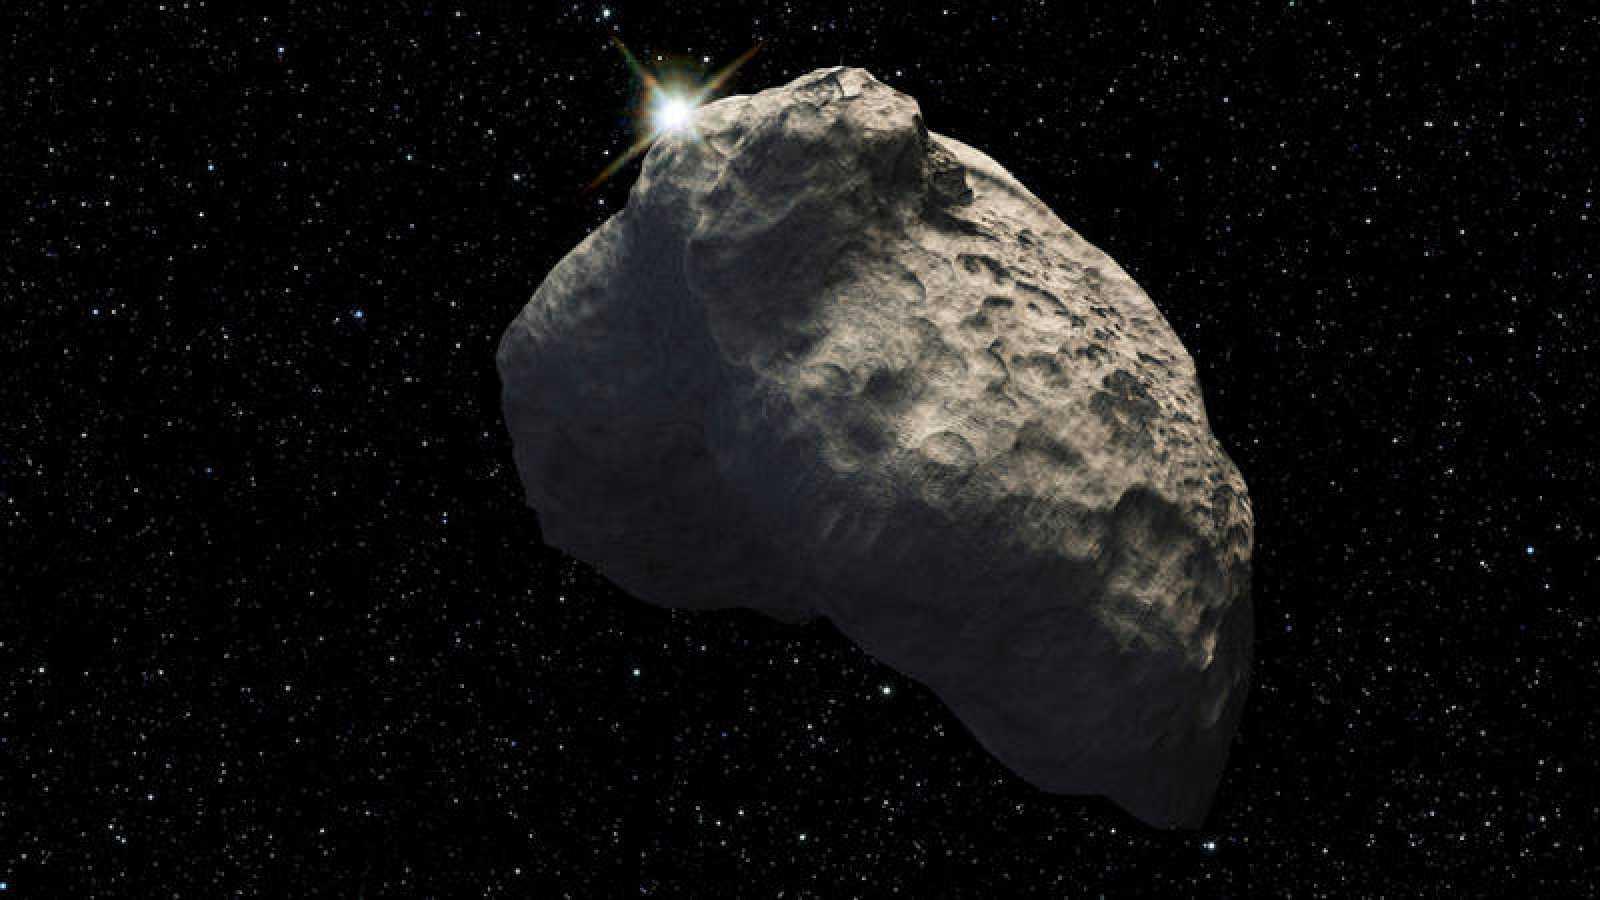 El asteroide que se aproximó a la Tierra no implicaba peligro.